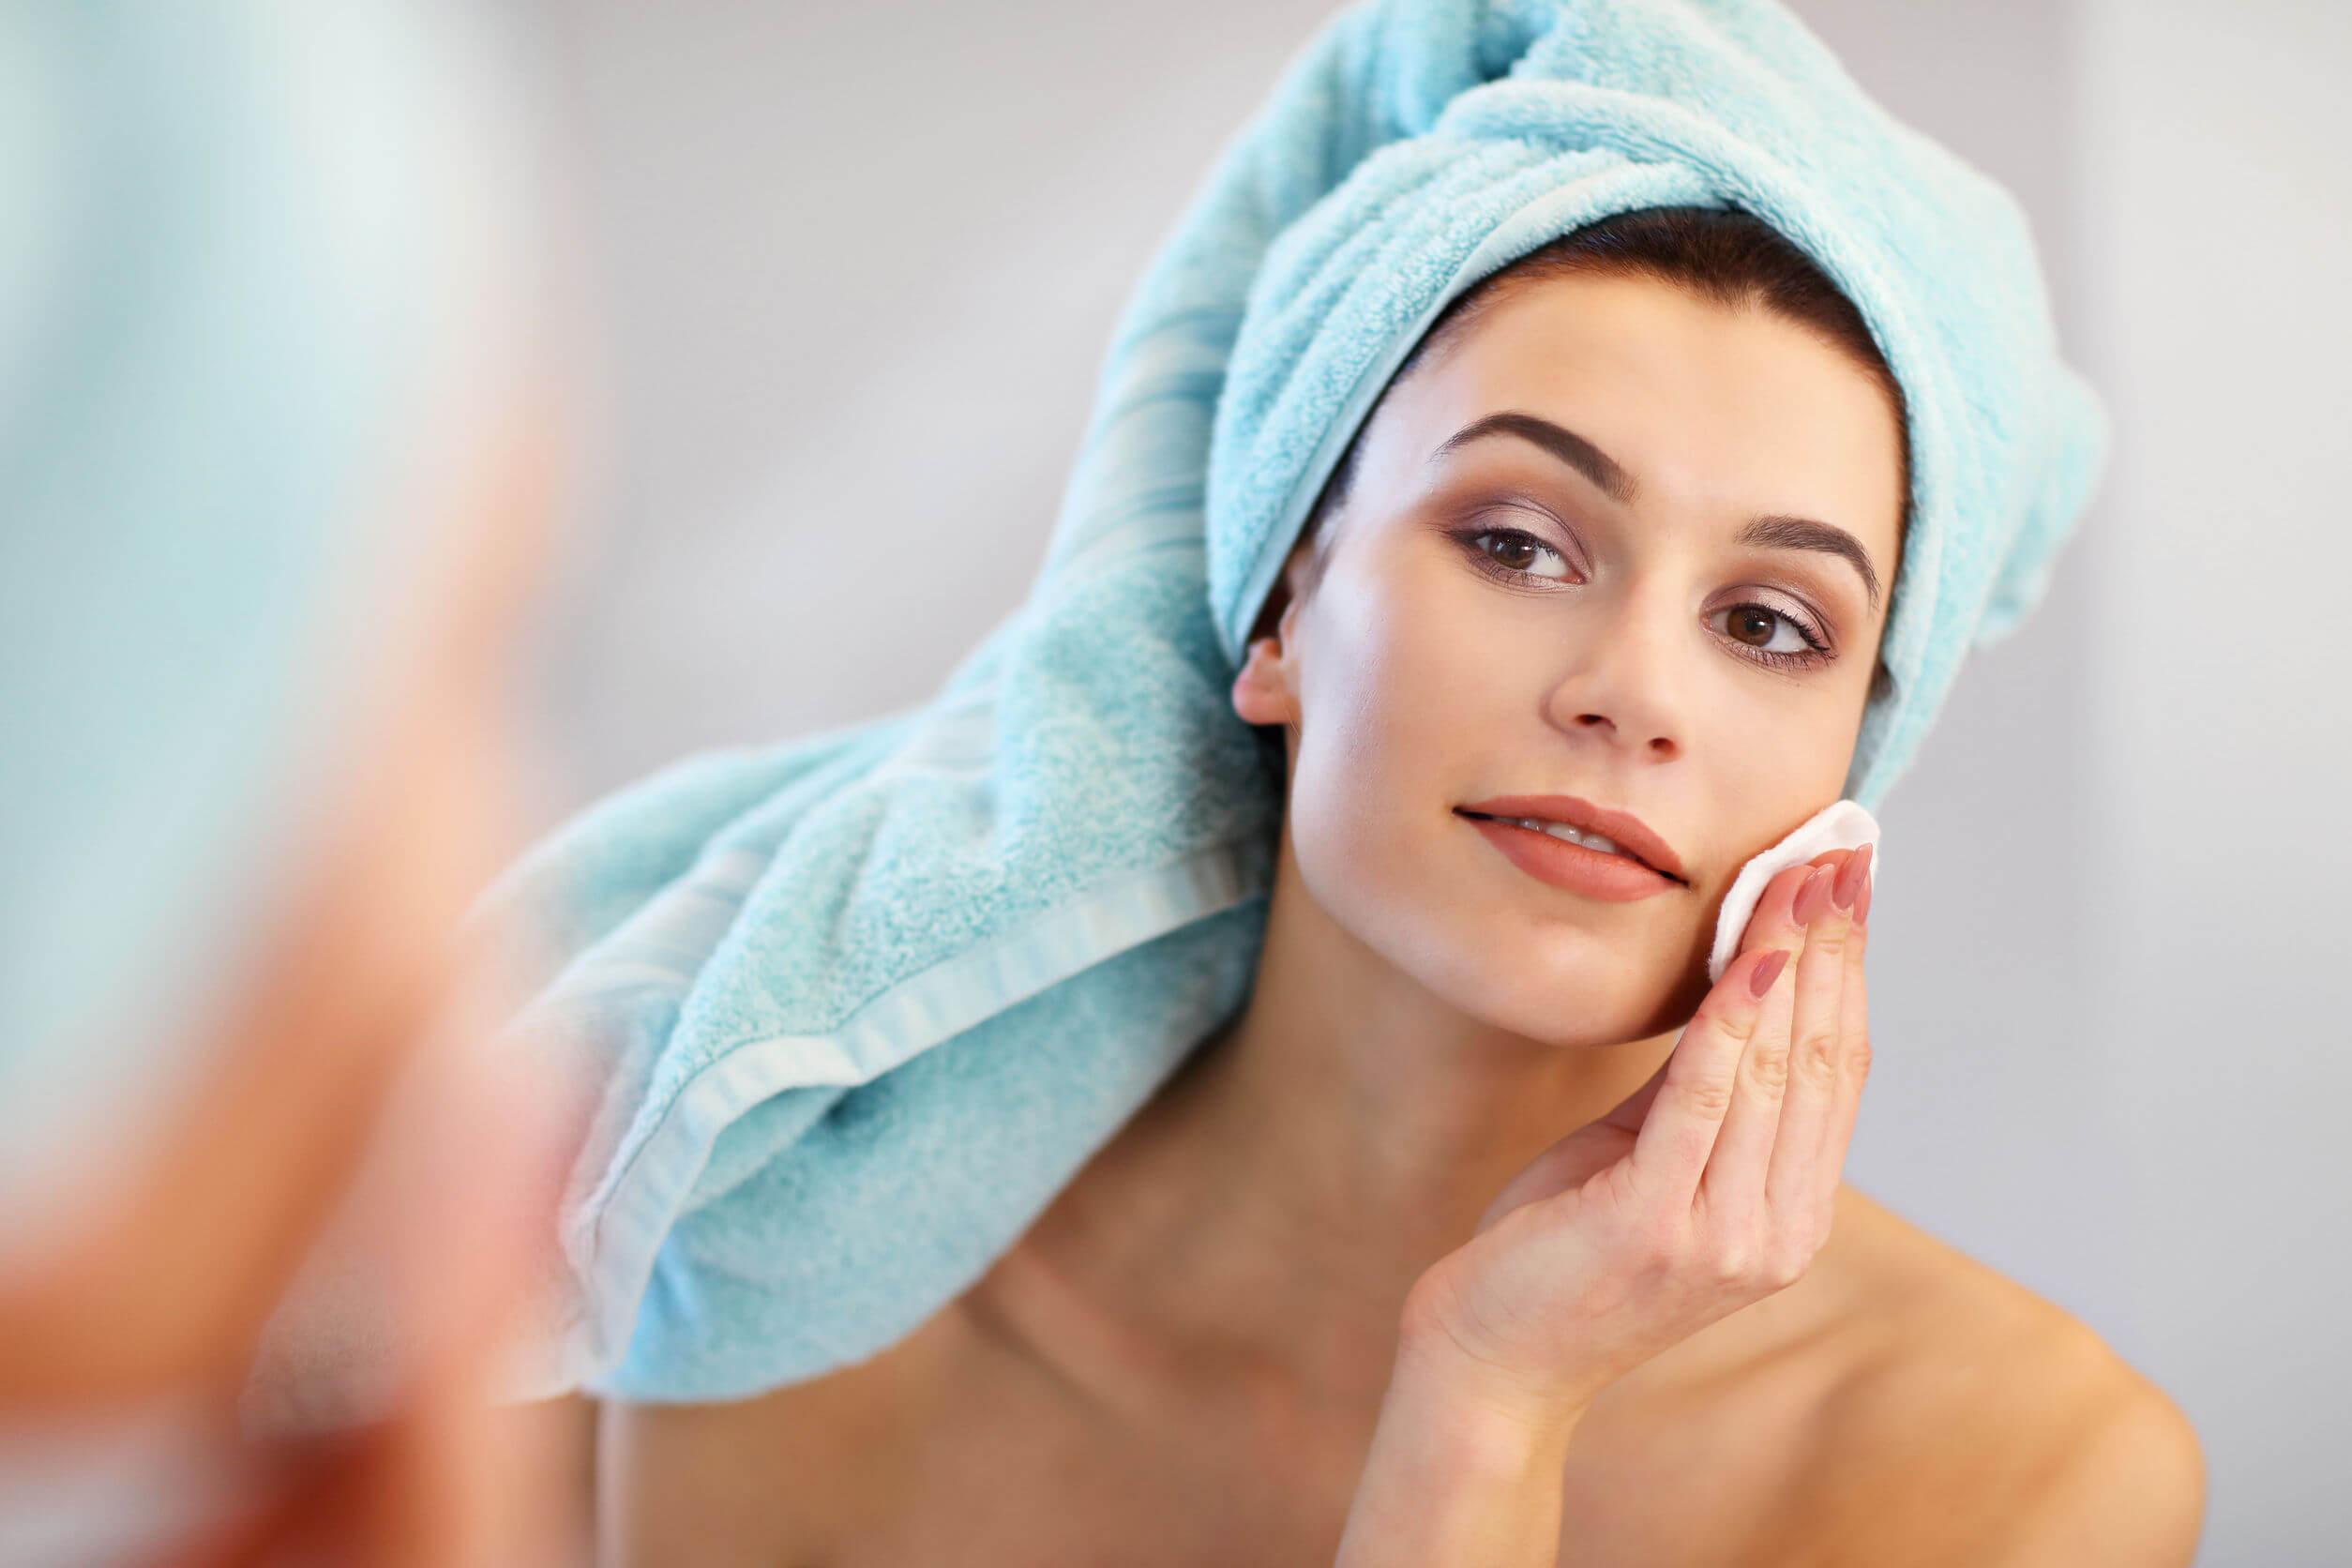 Mujer embarazada limpiando los restos de maquillaje de su cara con un disco de algodón.